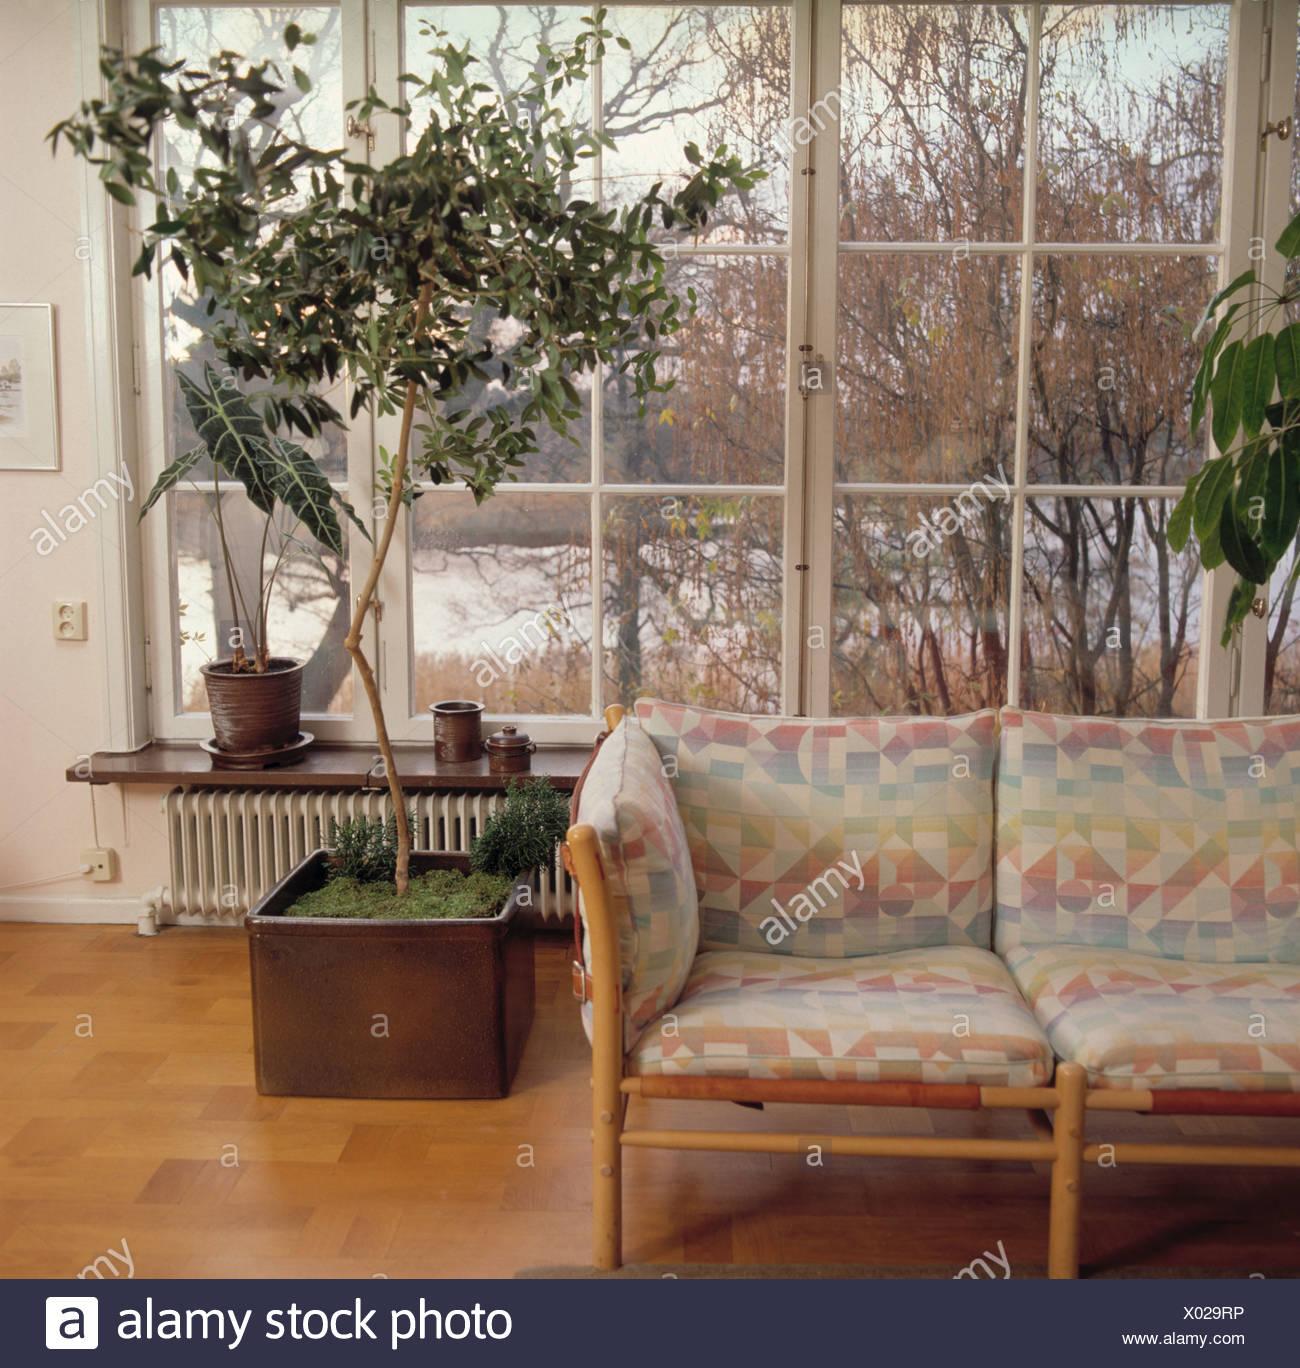 Gemusterte Kissen auf blasse Holz Sofa im Wohnzimmer mit großer Baum ...